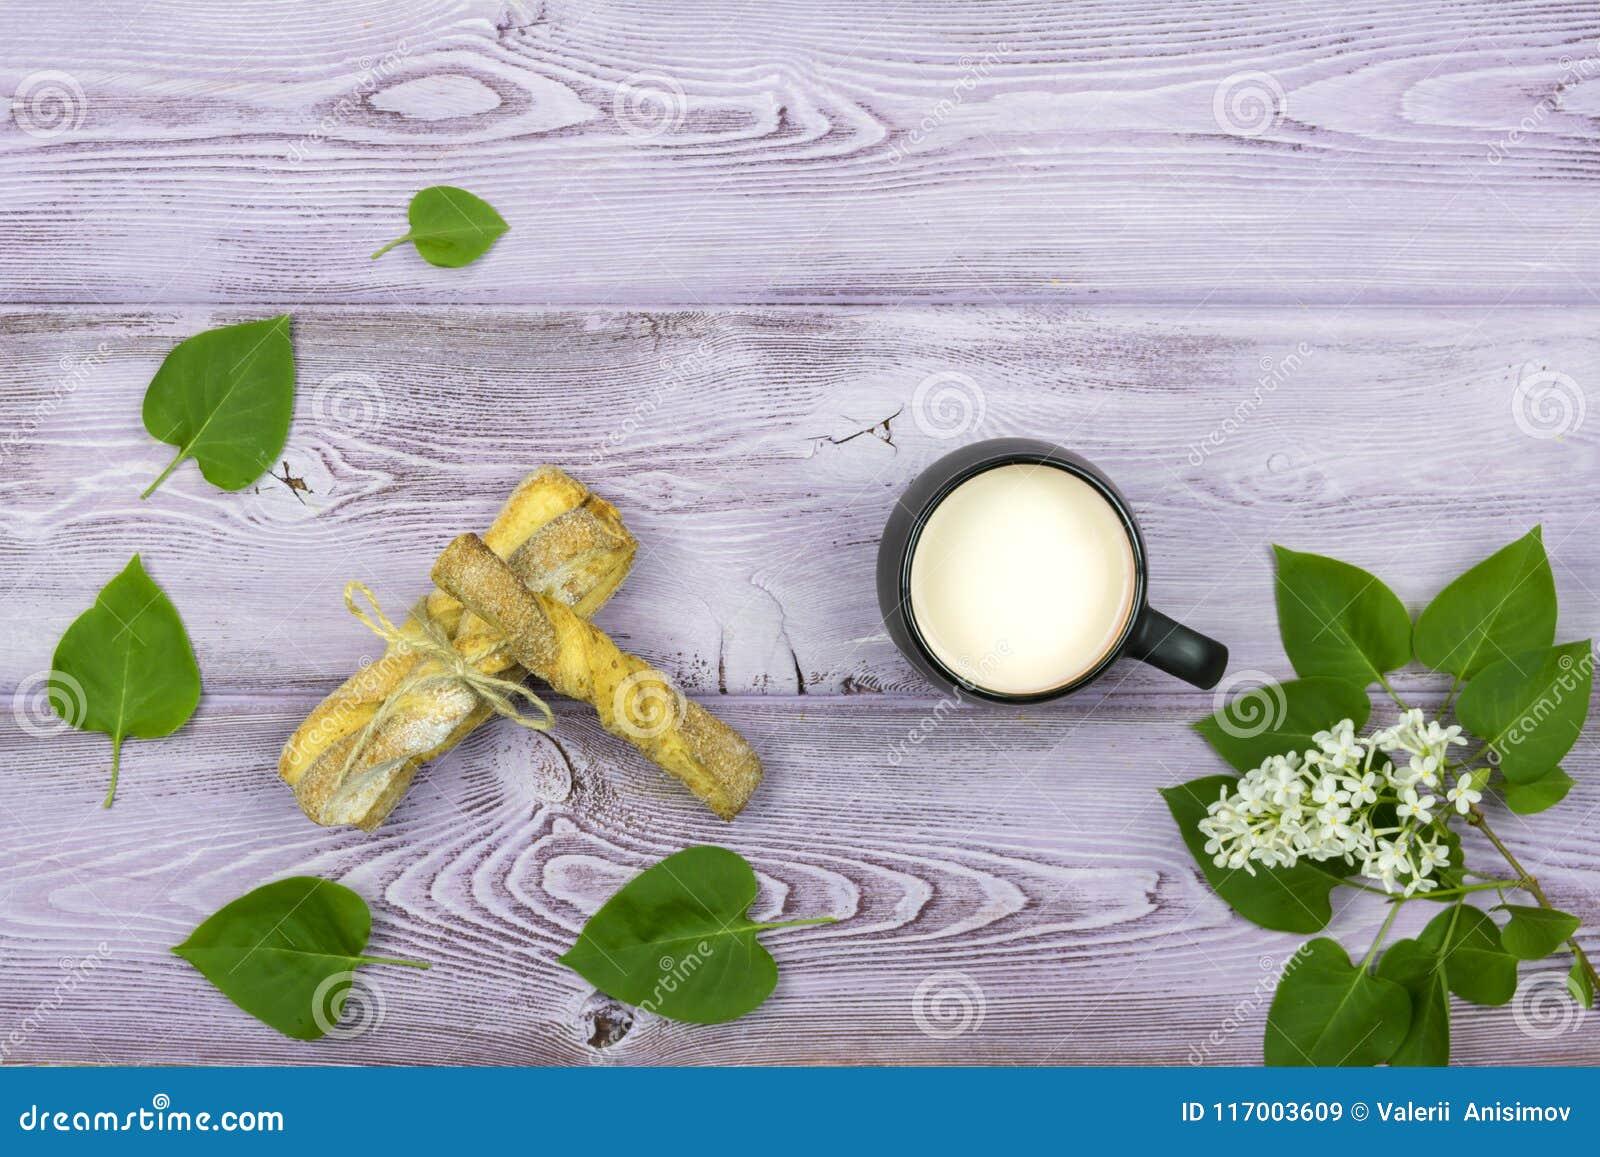 Flache Lage Schwarzer Becher mit Milch Selbst gemachte süße Plätzchen Zweig und weiße lila Blumen auf dem Tisch